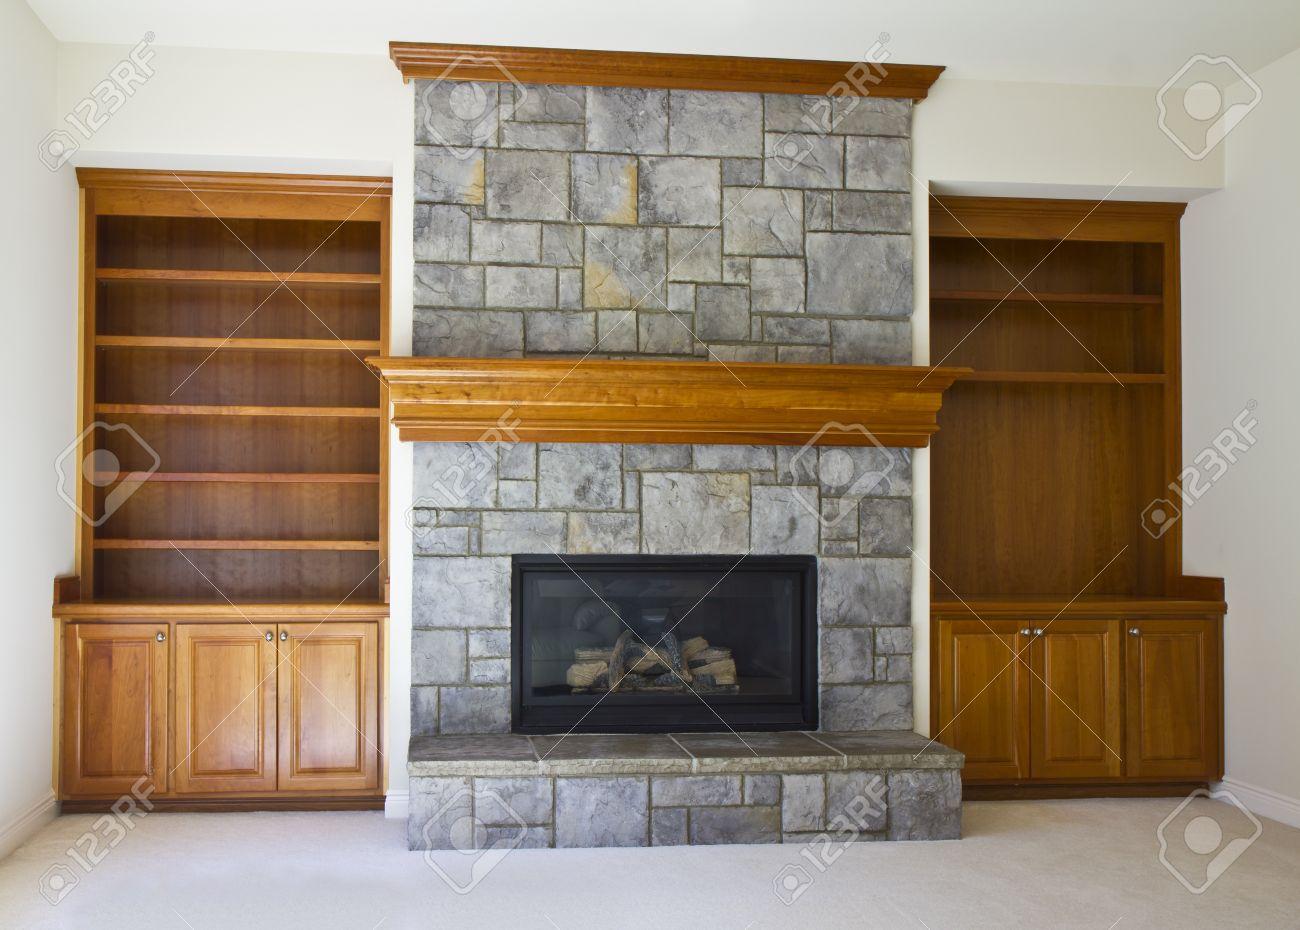 chimenea de piedra con estantes de libro sobre muro blanco foto de archivo